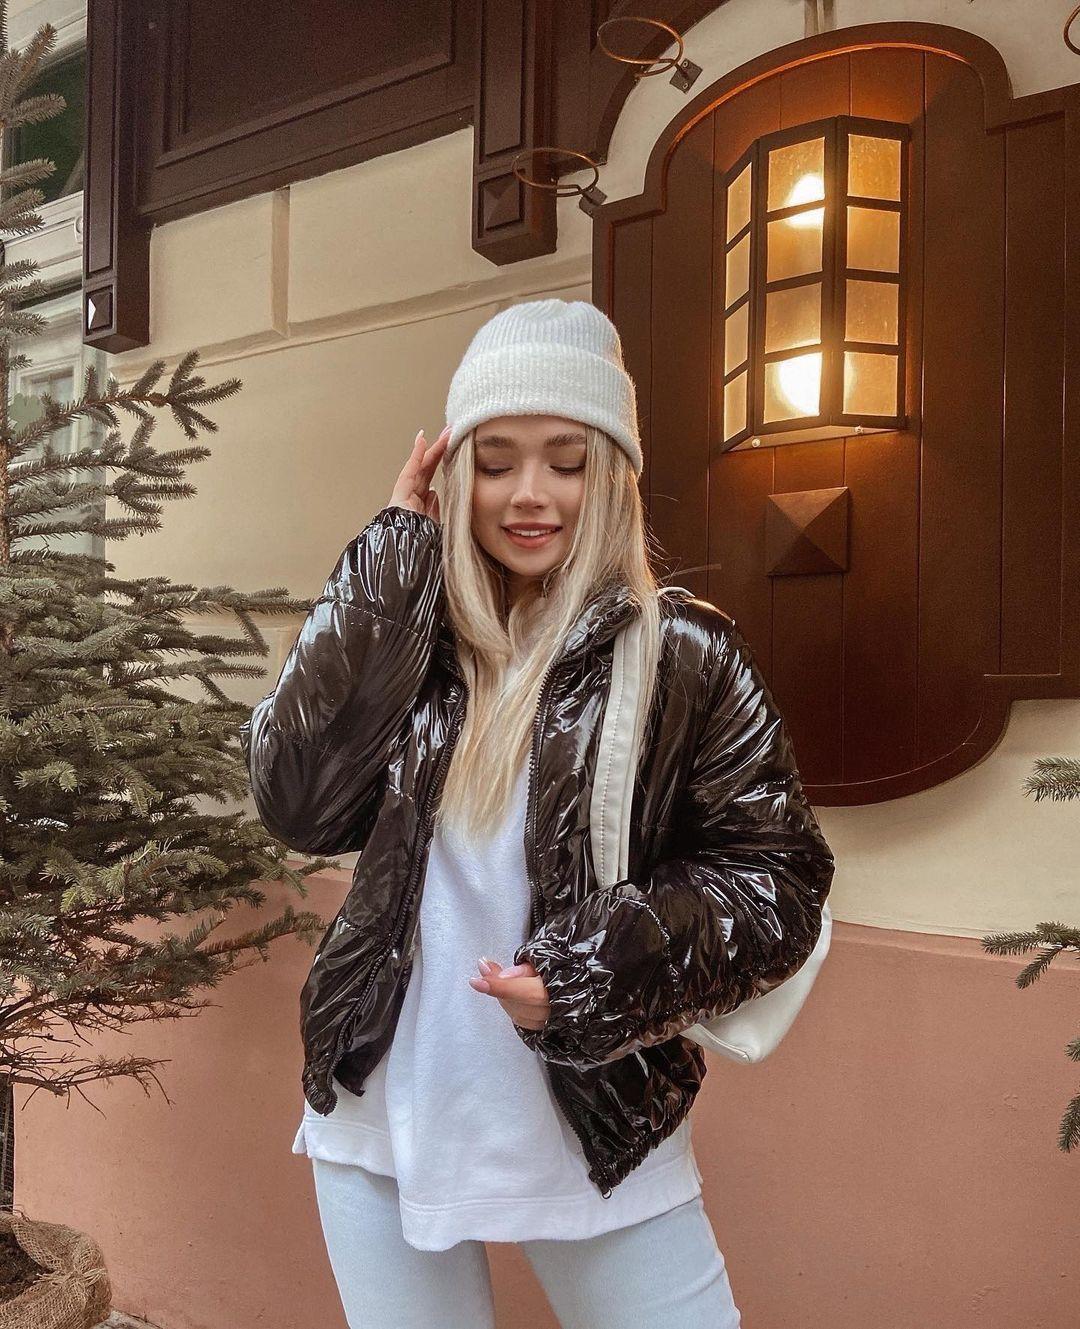 乌克兰妹总是不让人失望 时尚穿搭配高级颜... 个头娇小爆发名模气场 养眼图片 第3张